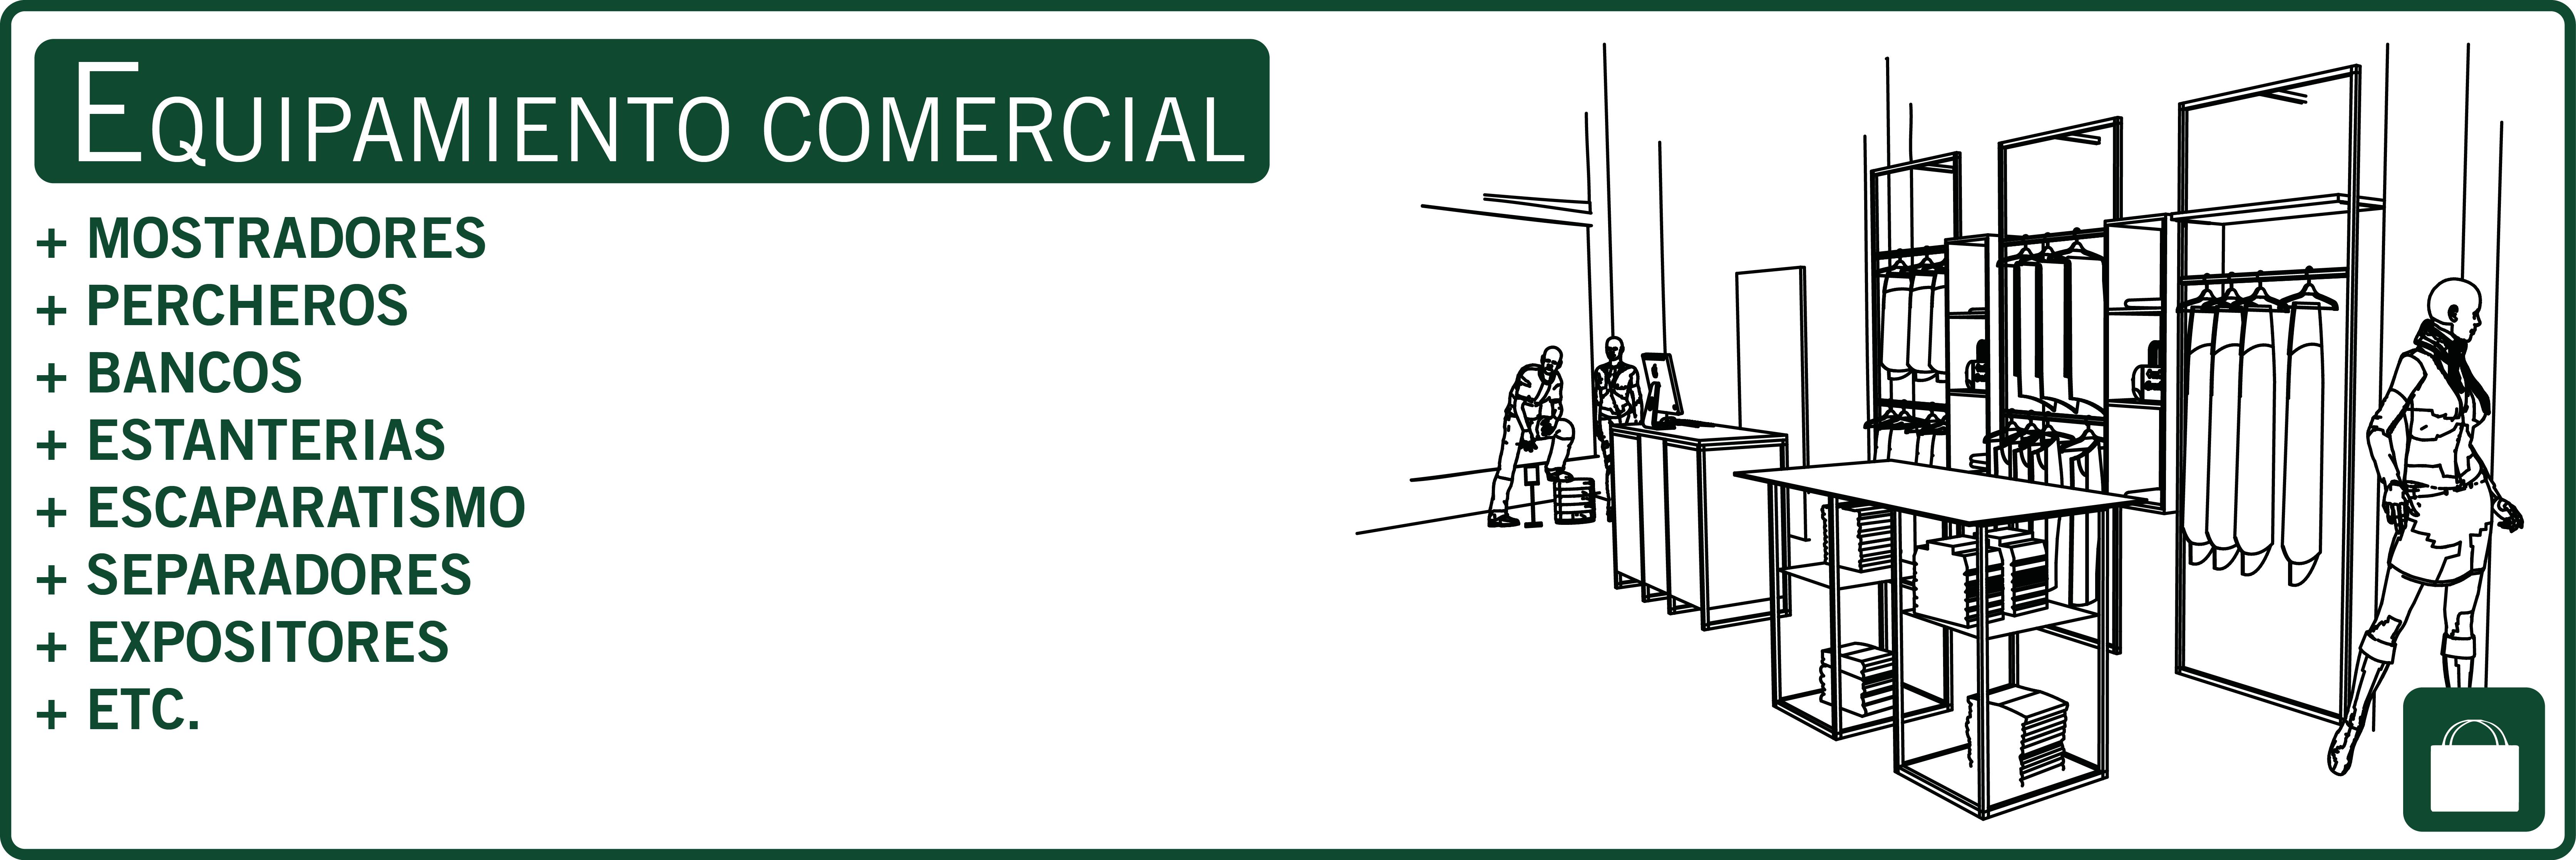 EQUIPAMIENTO COMERCIAL